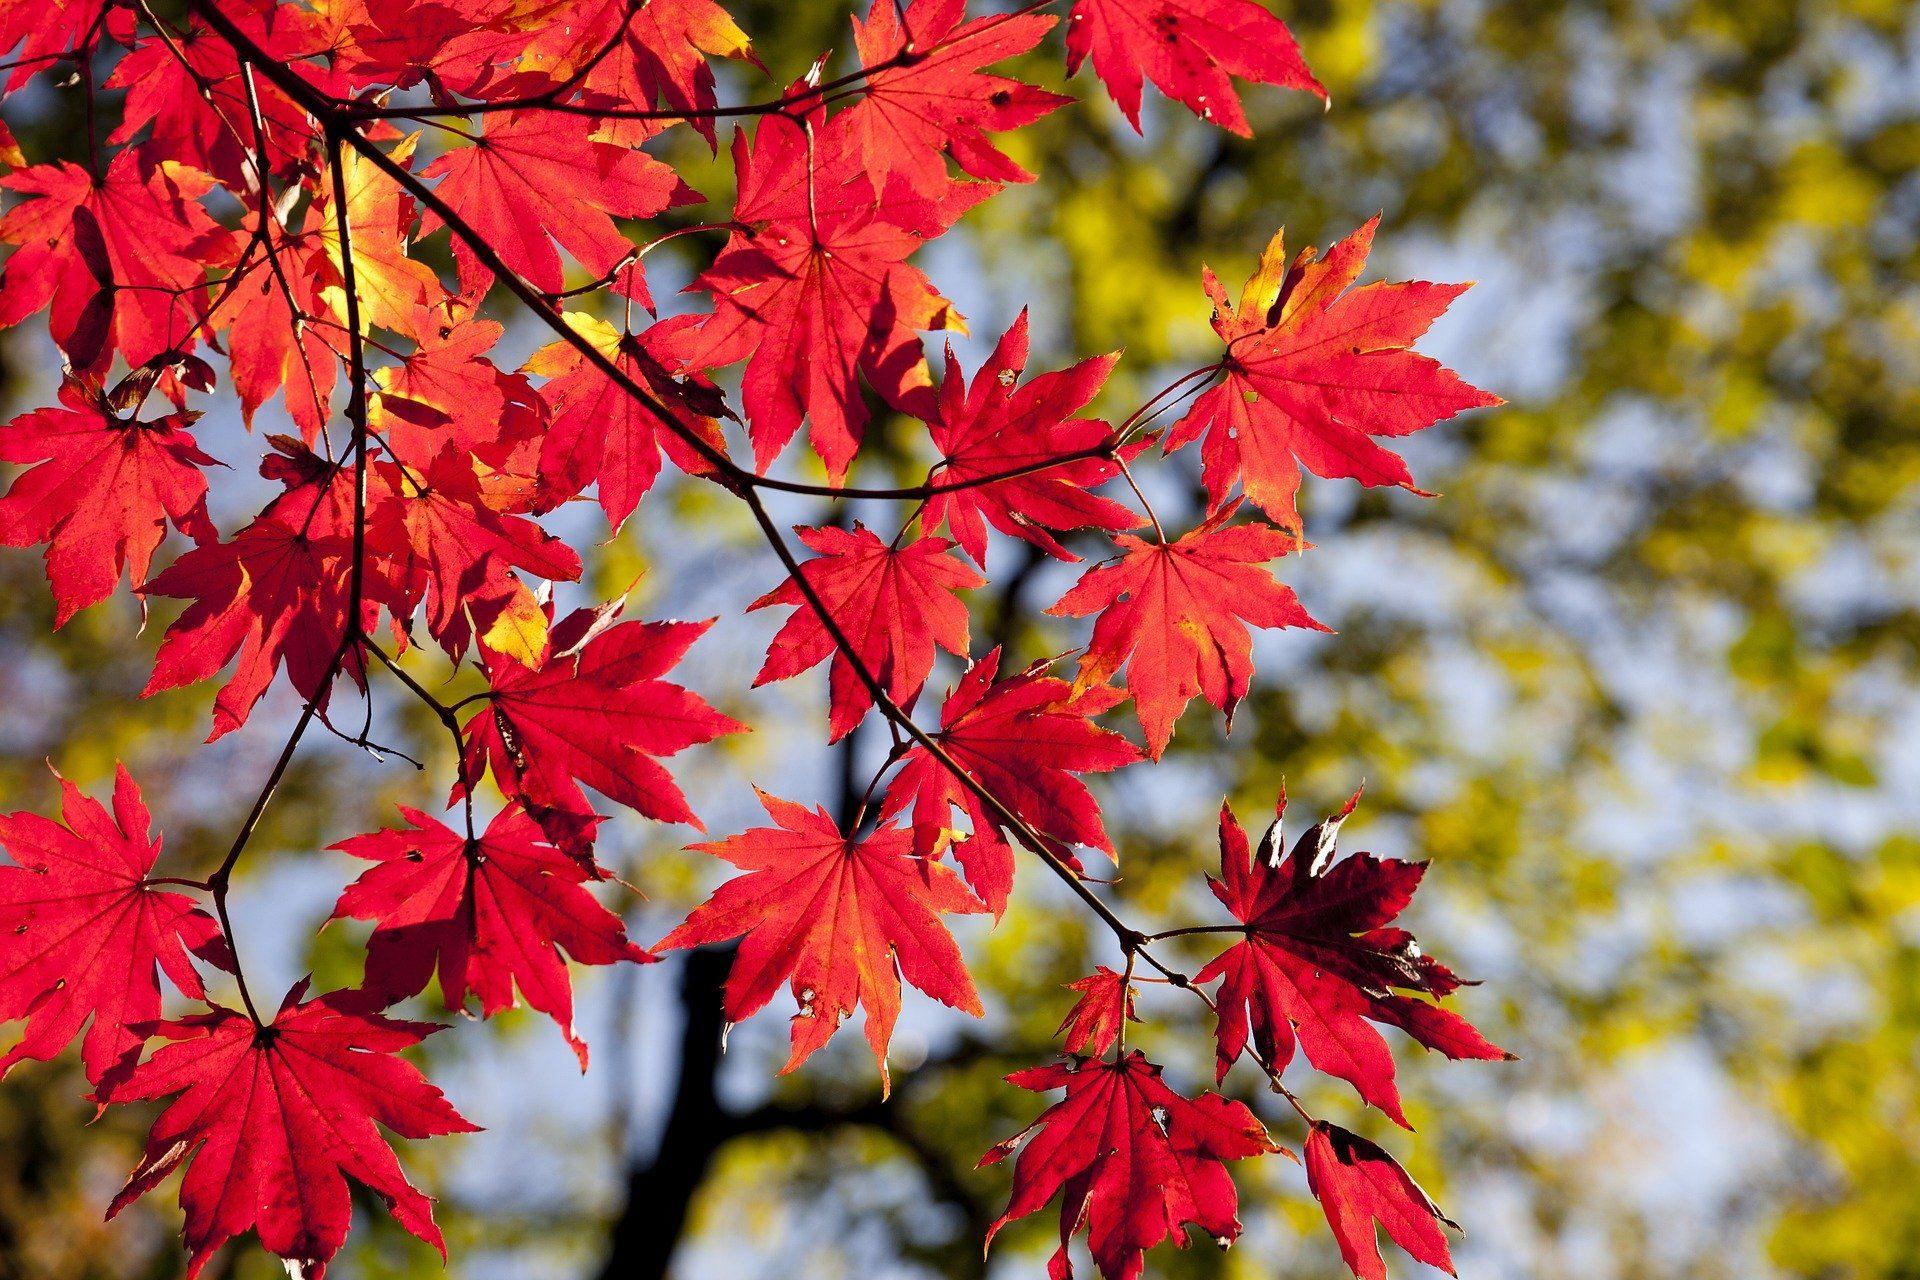 autumn-leaves-2789234_1920